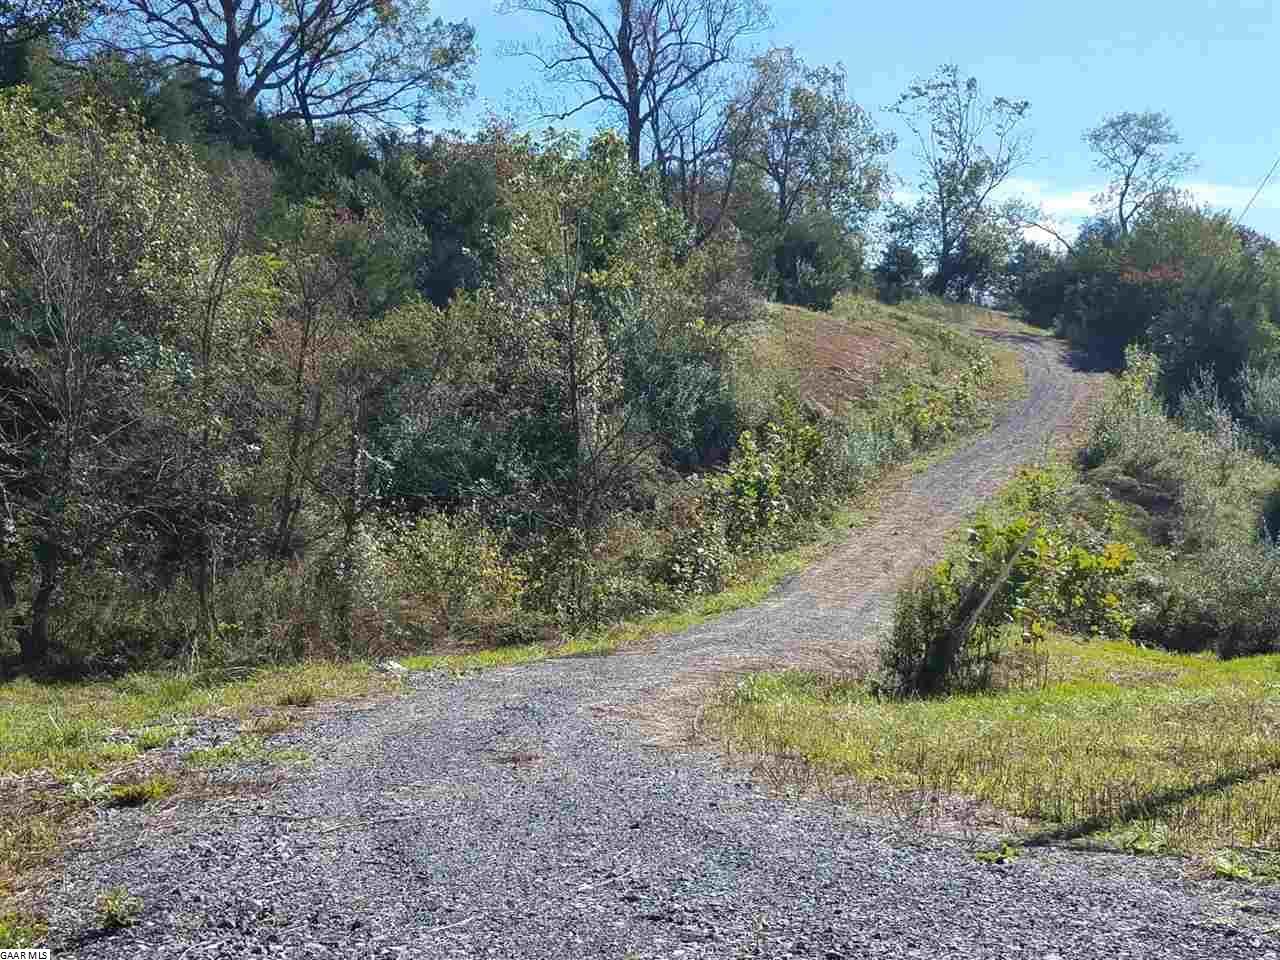 0 Arborhill Rd, Staunton, VA, 24401